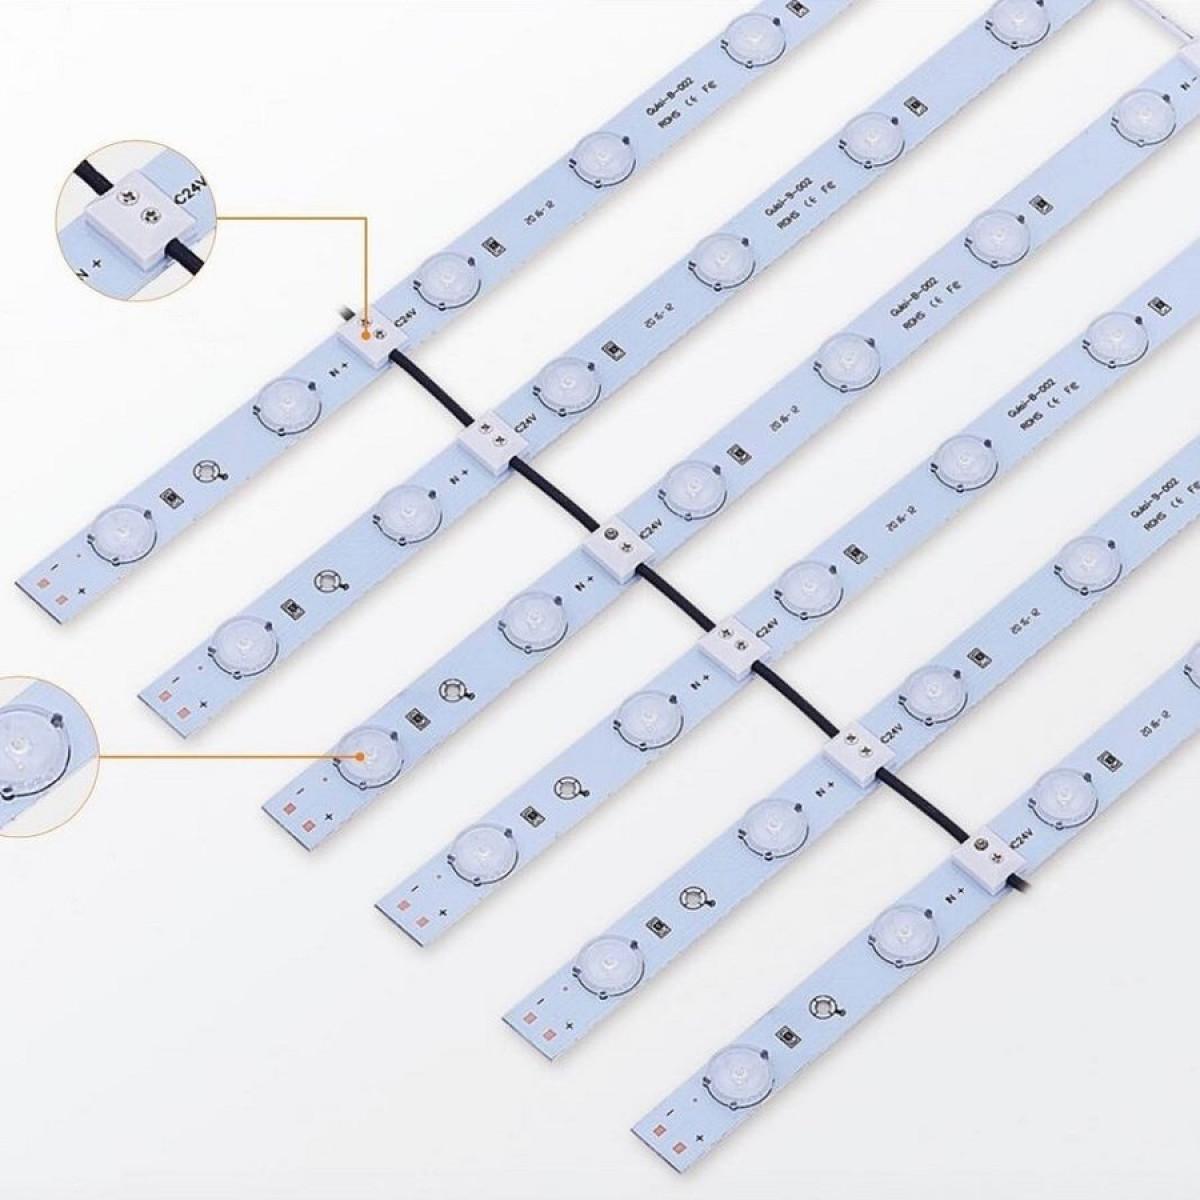 LED лента GL-B-007-24-8 indoor